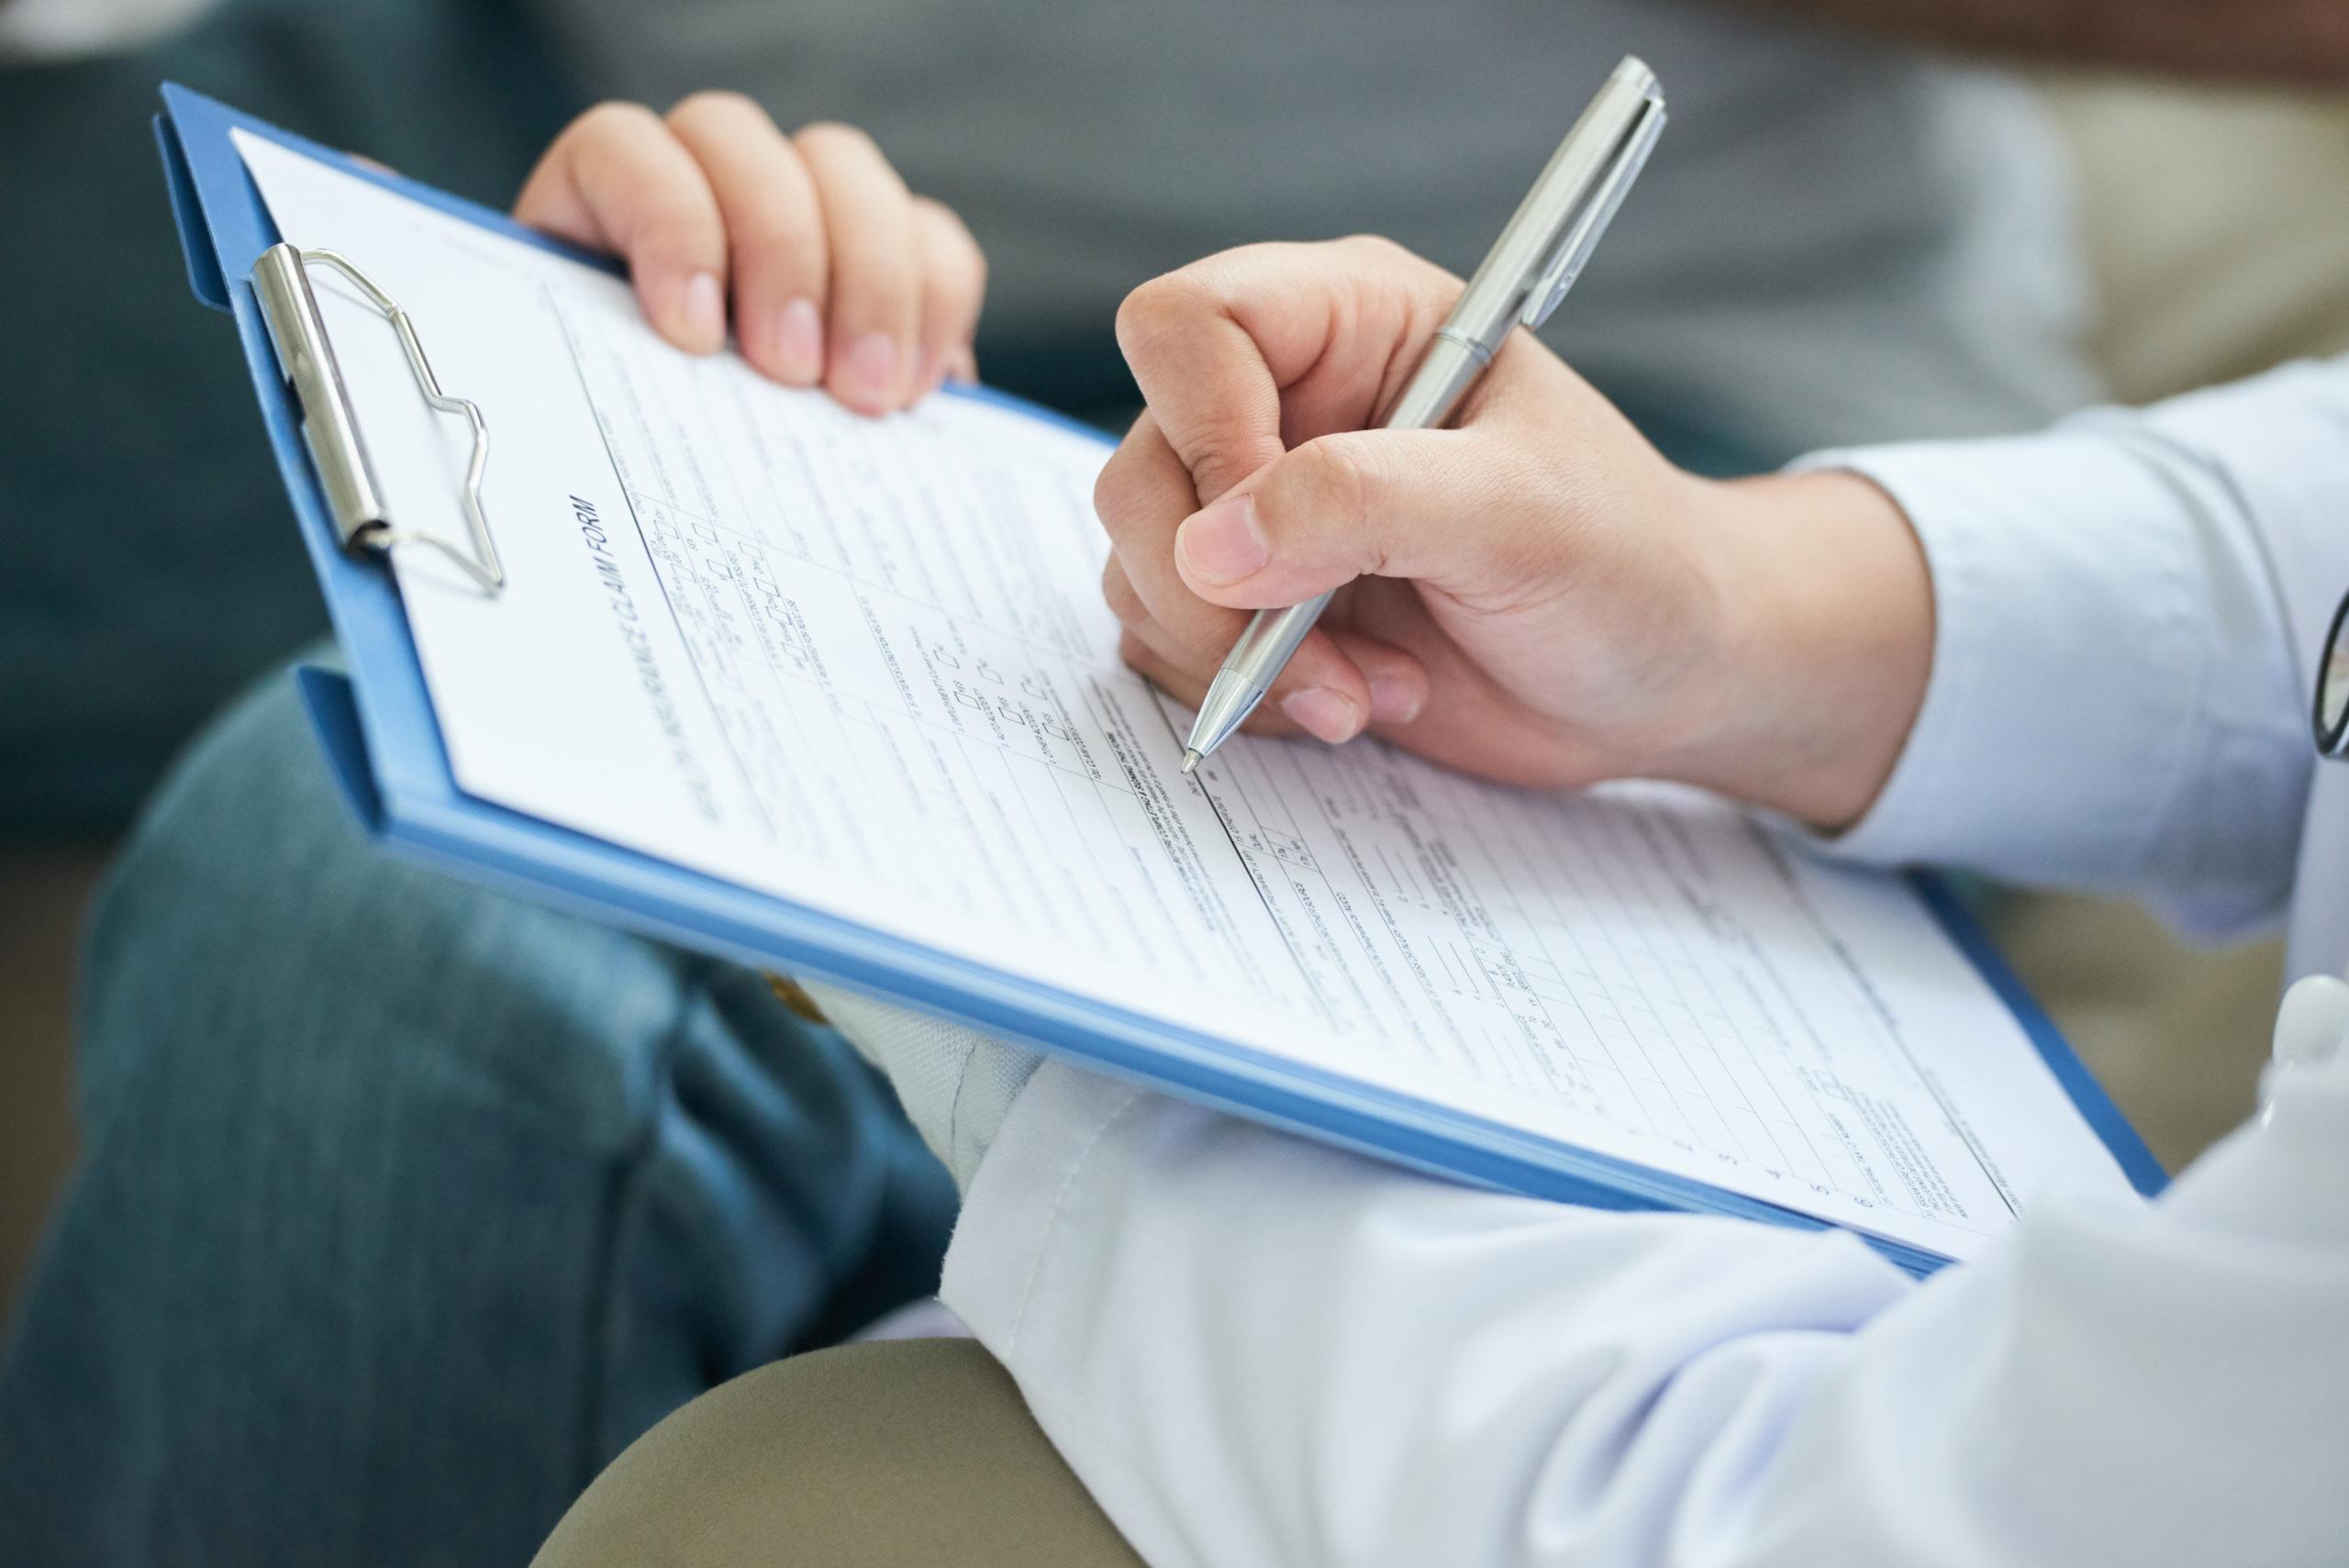 cómo obtener un crédito hipotecario con beneficios